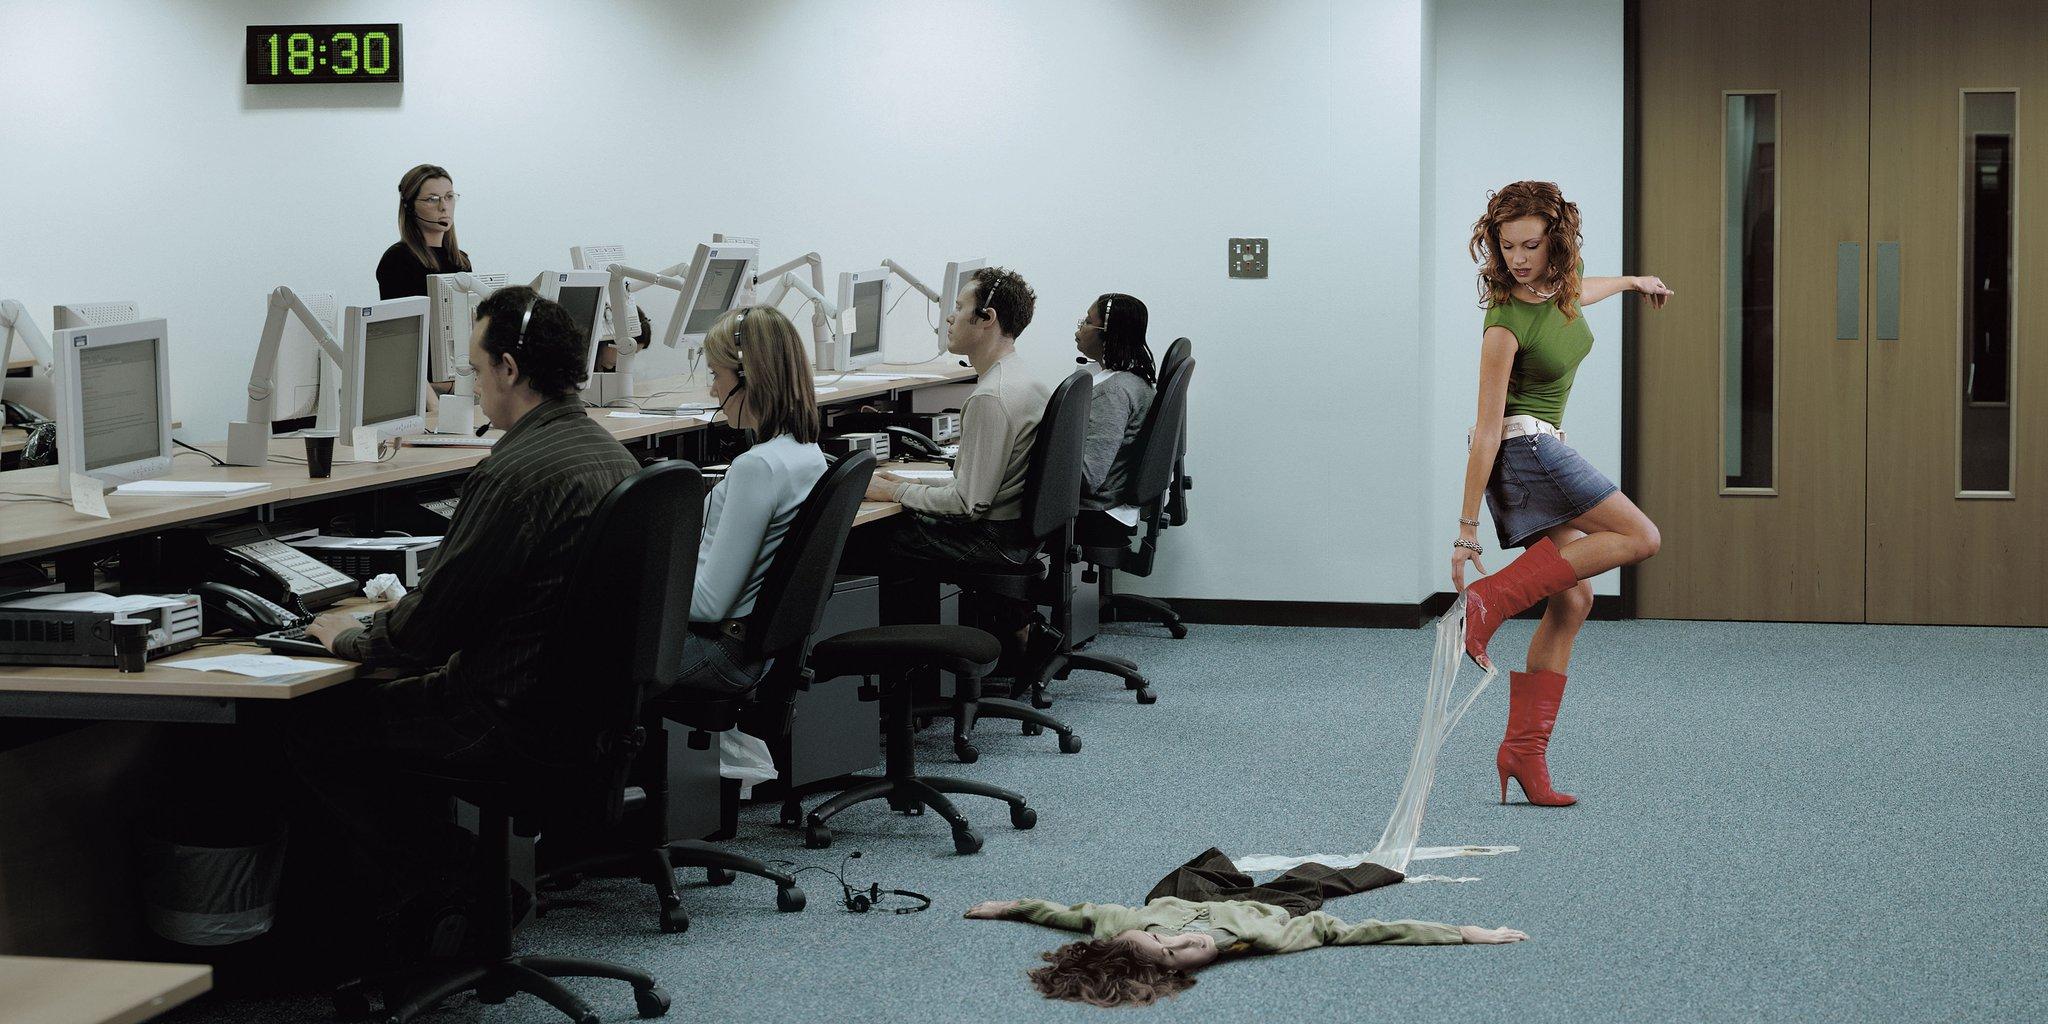 Смешные картинки офис пятница